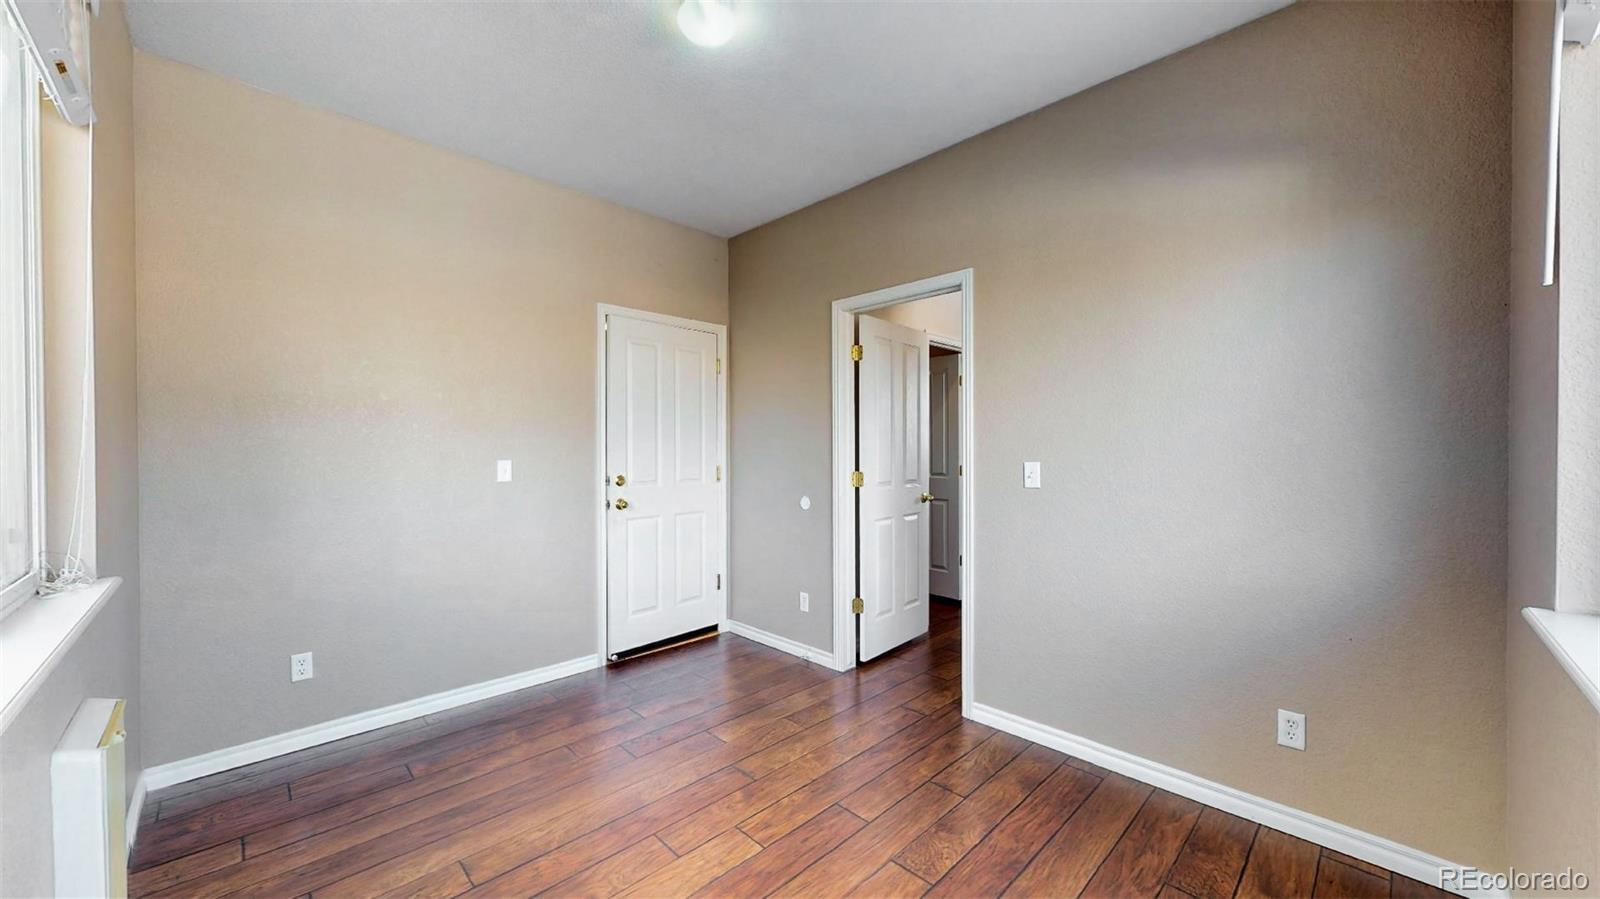 MLS# 6233467 - 15 - 10659 Abilene Street, Commerce City, CO 80022